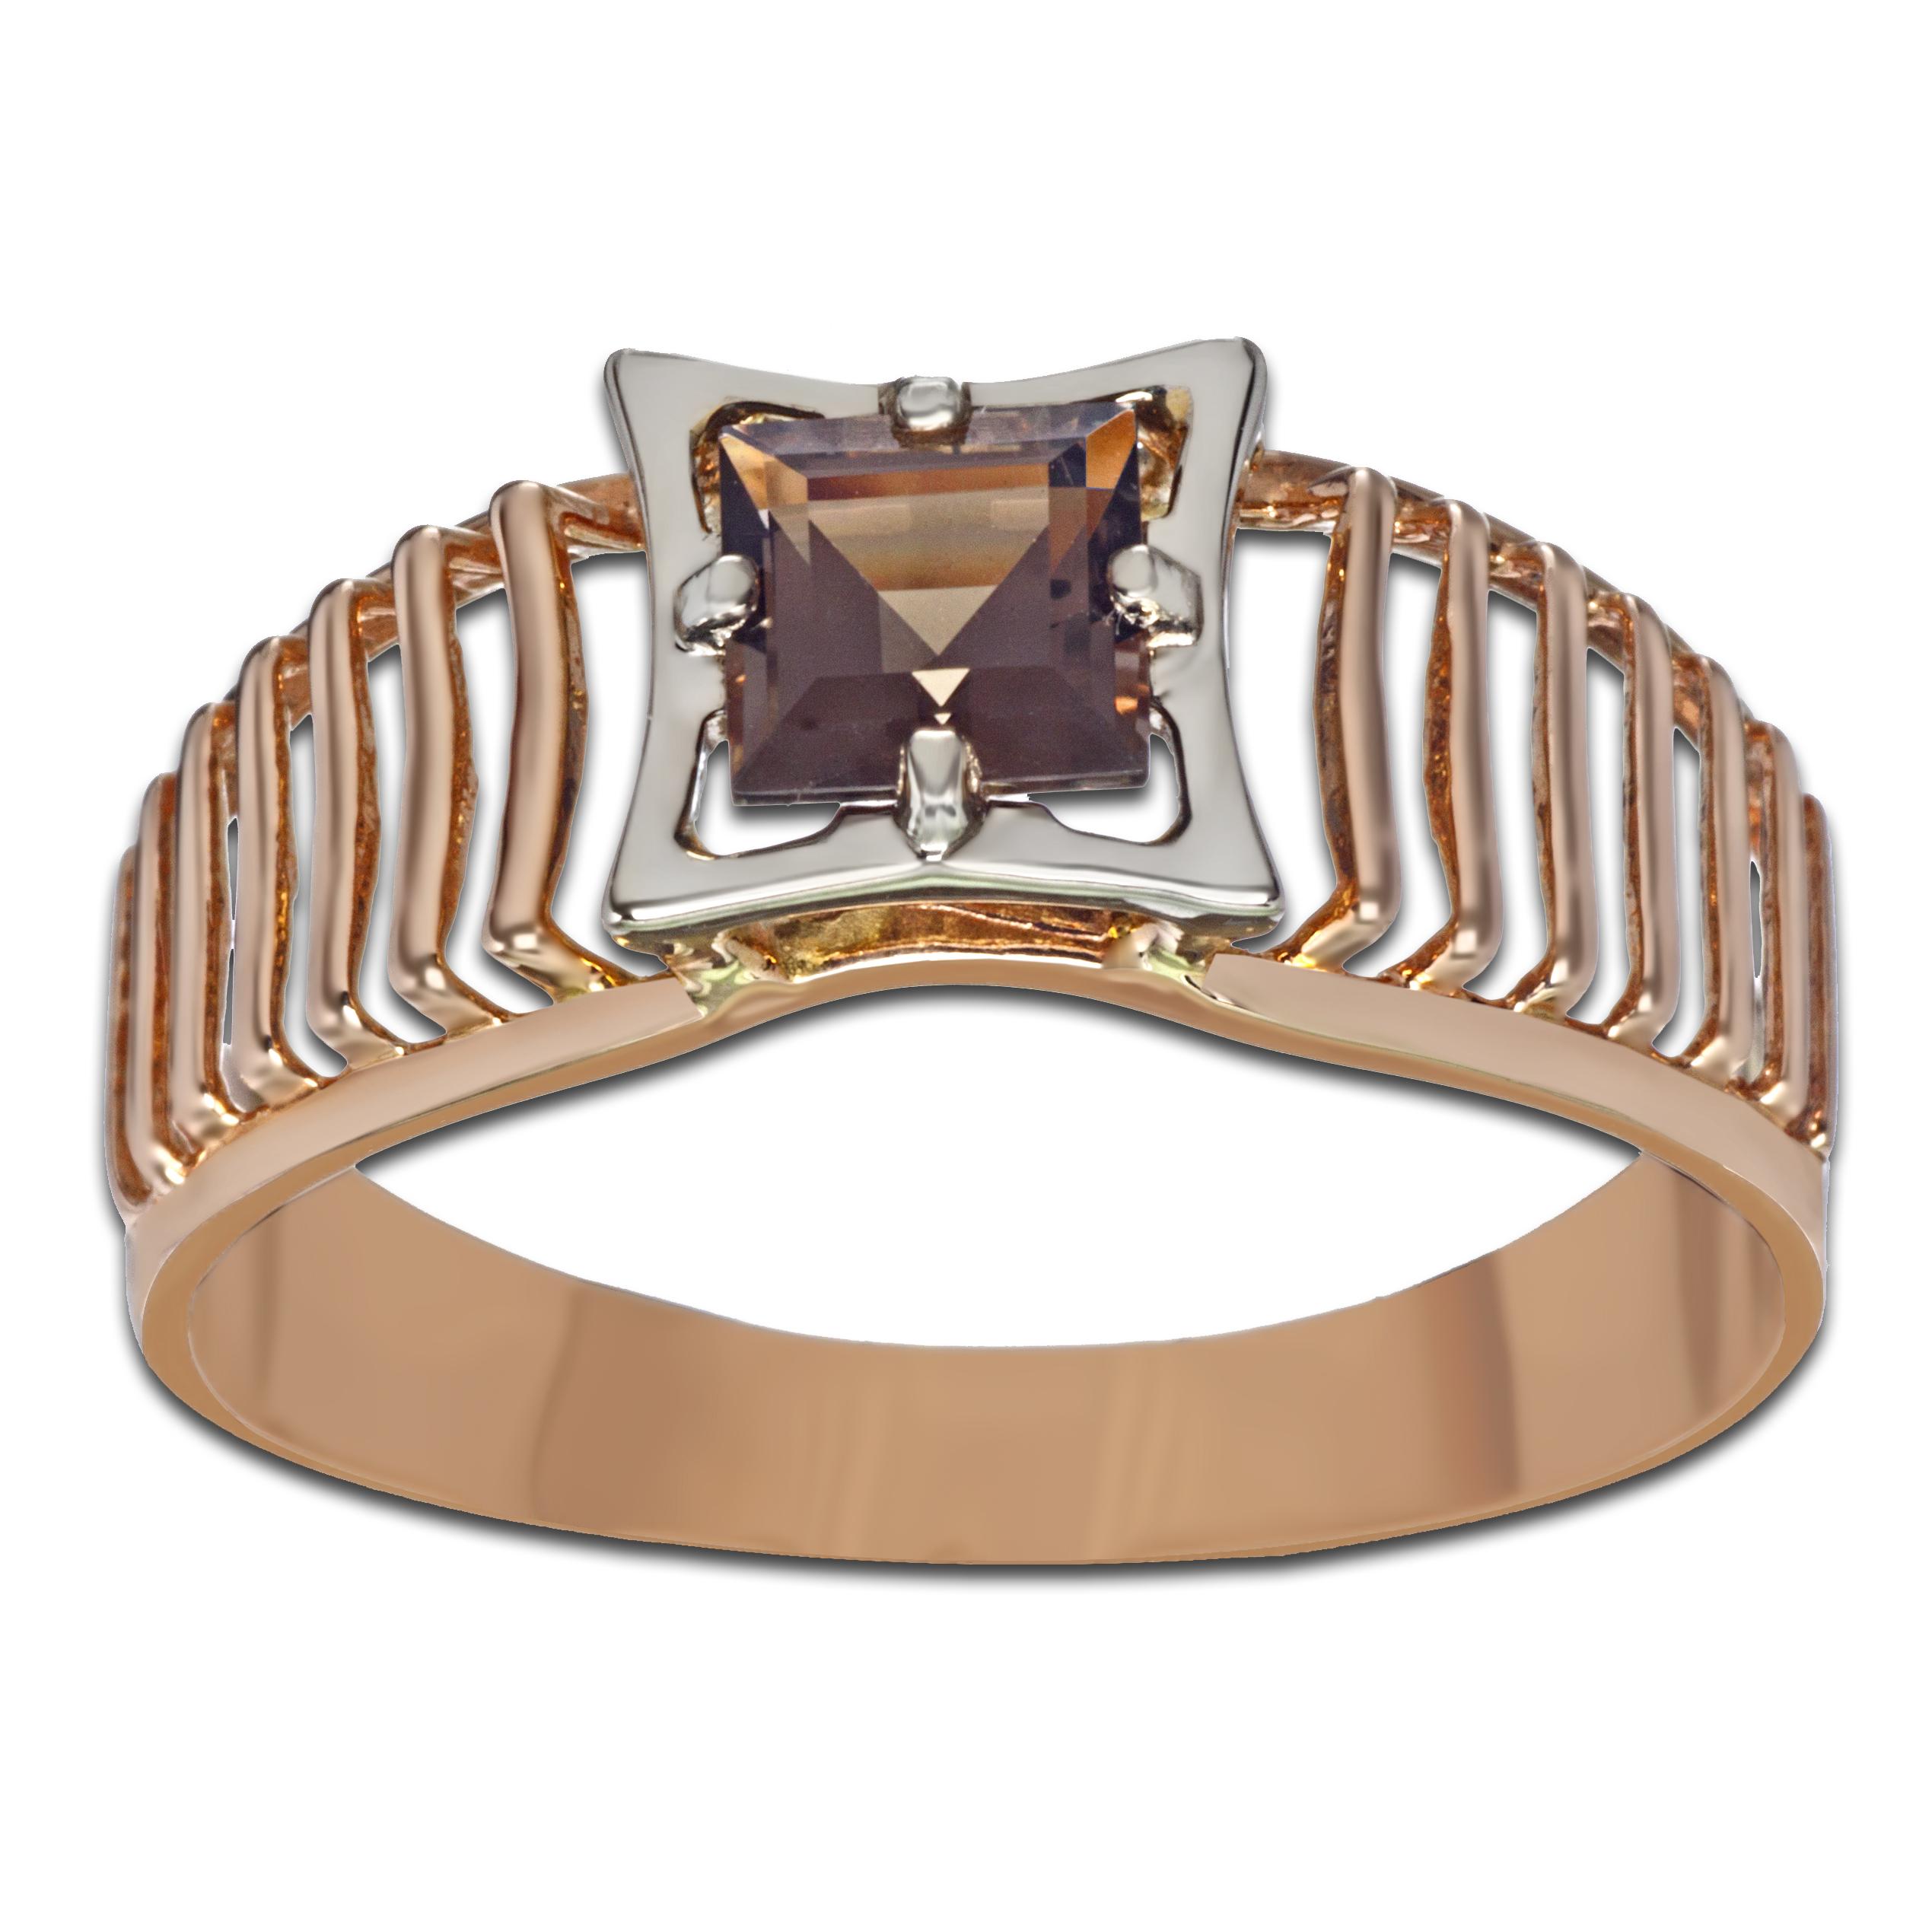 Кольцо мужское золото фото 4